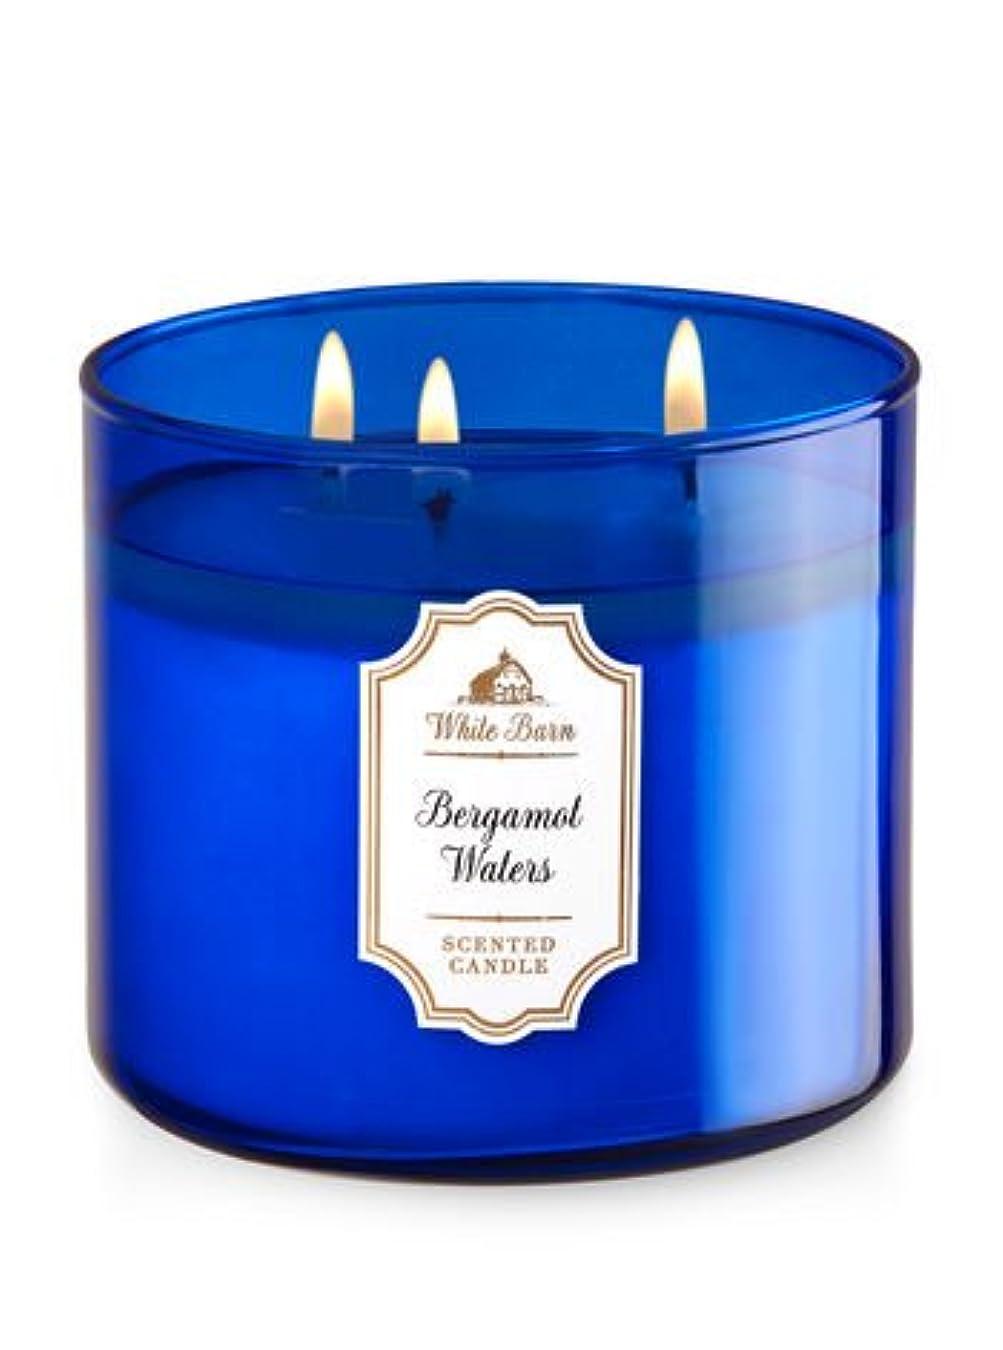 そうでなければ怪物耳【Bath&Body Works/バス&ボディワークス】 アロマキャンドル ベルガモットウォーター 3-Wick Scented Candle Bergamot Waters 14.5oz/411g [並行輸入品]